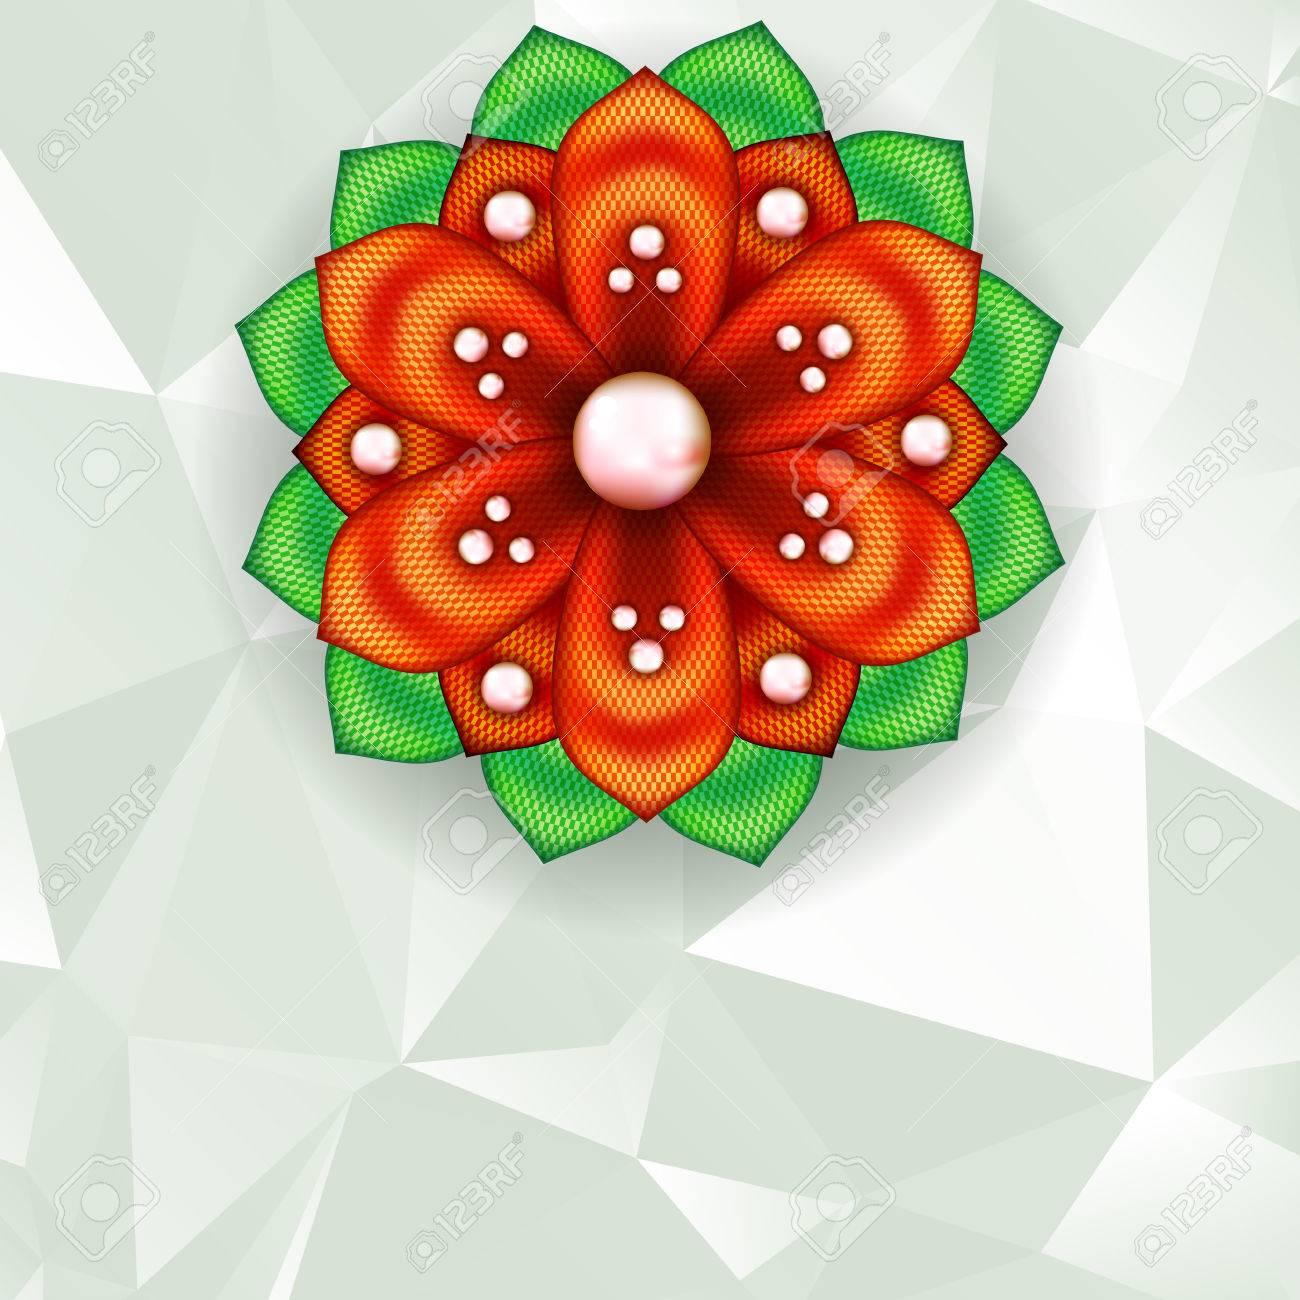 明るい詳細簪花と抽象的な幾何学的な背景のイラスト素材ベクタ Image